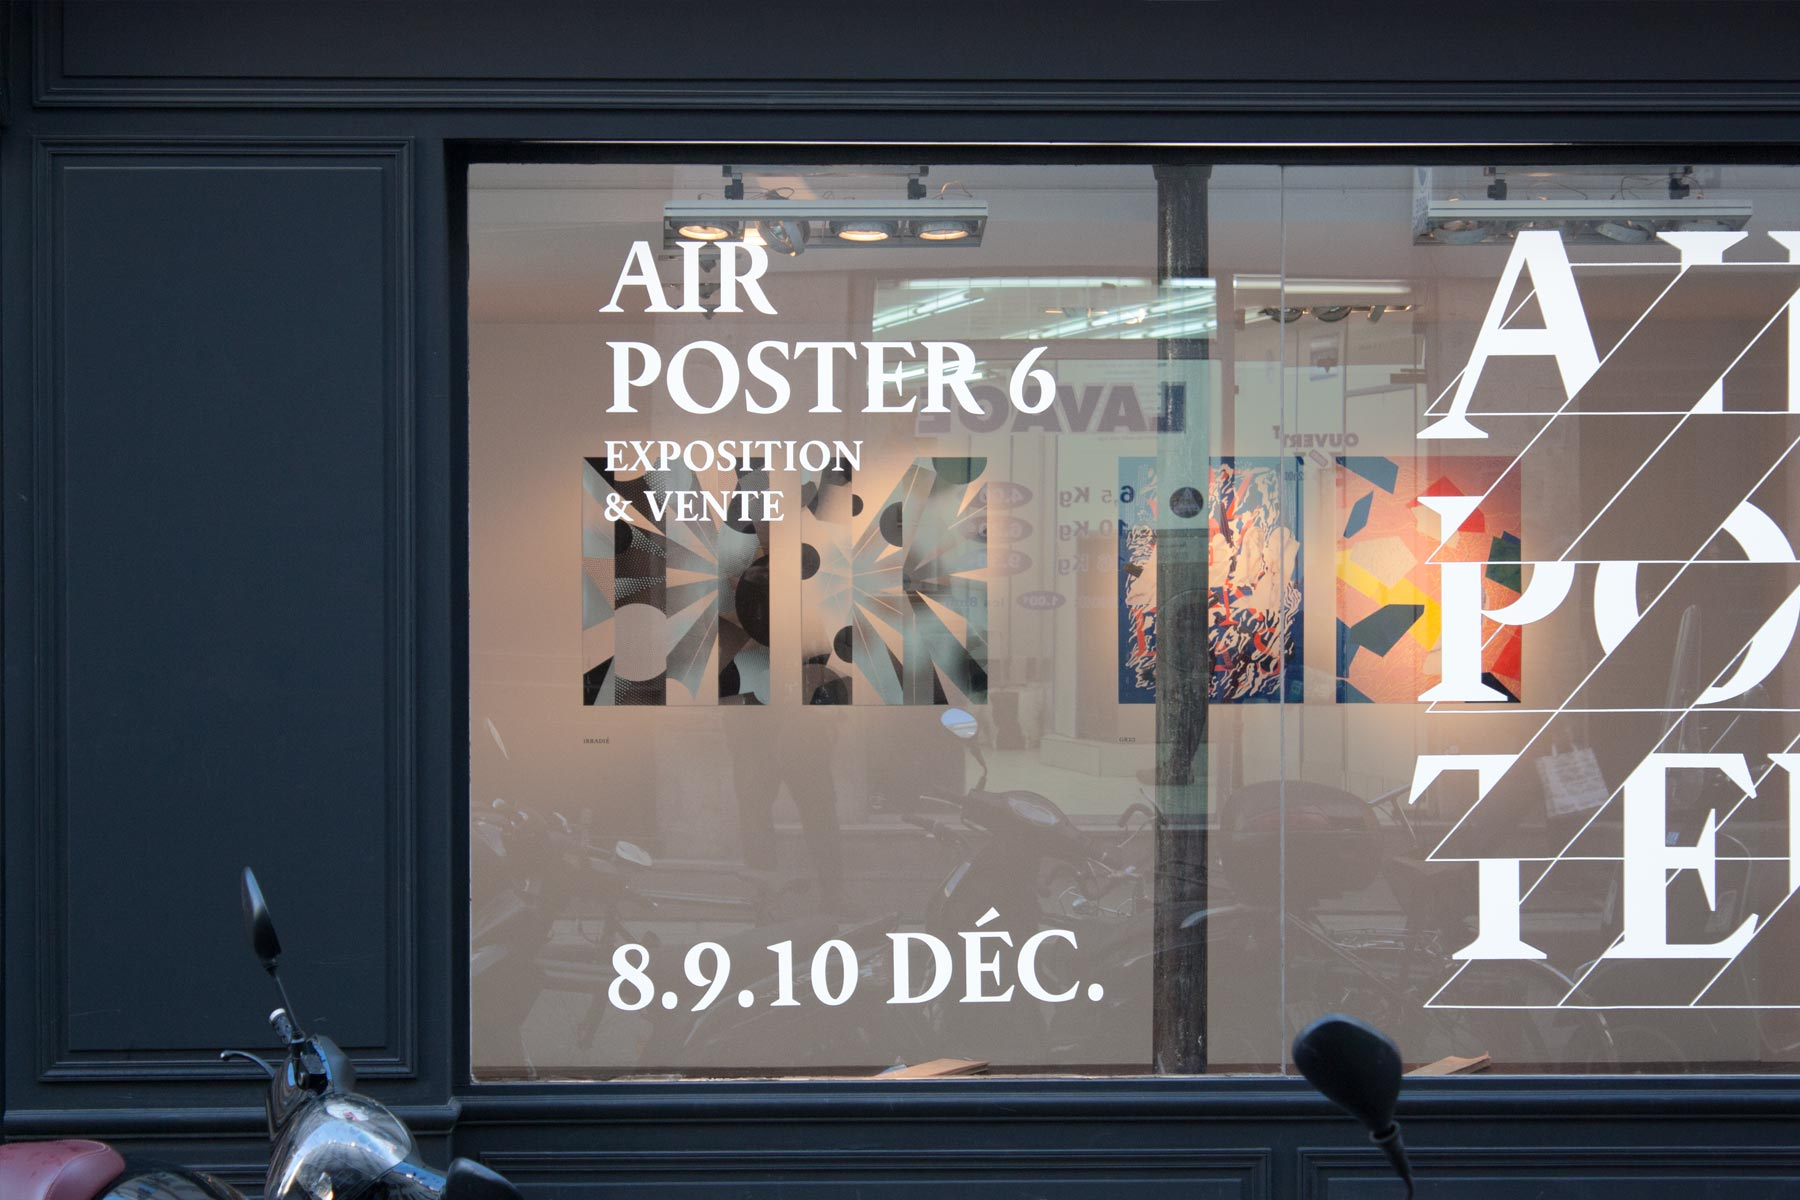 Air Poster 6